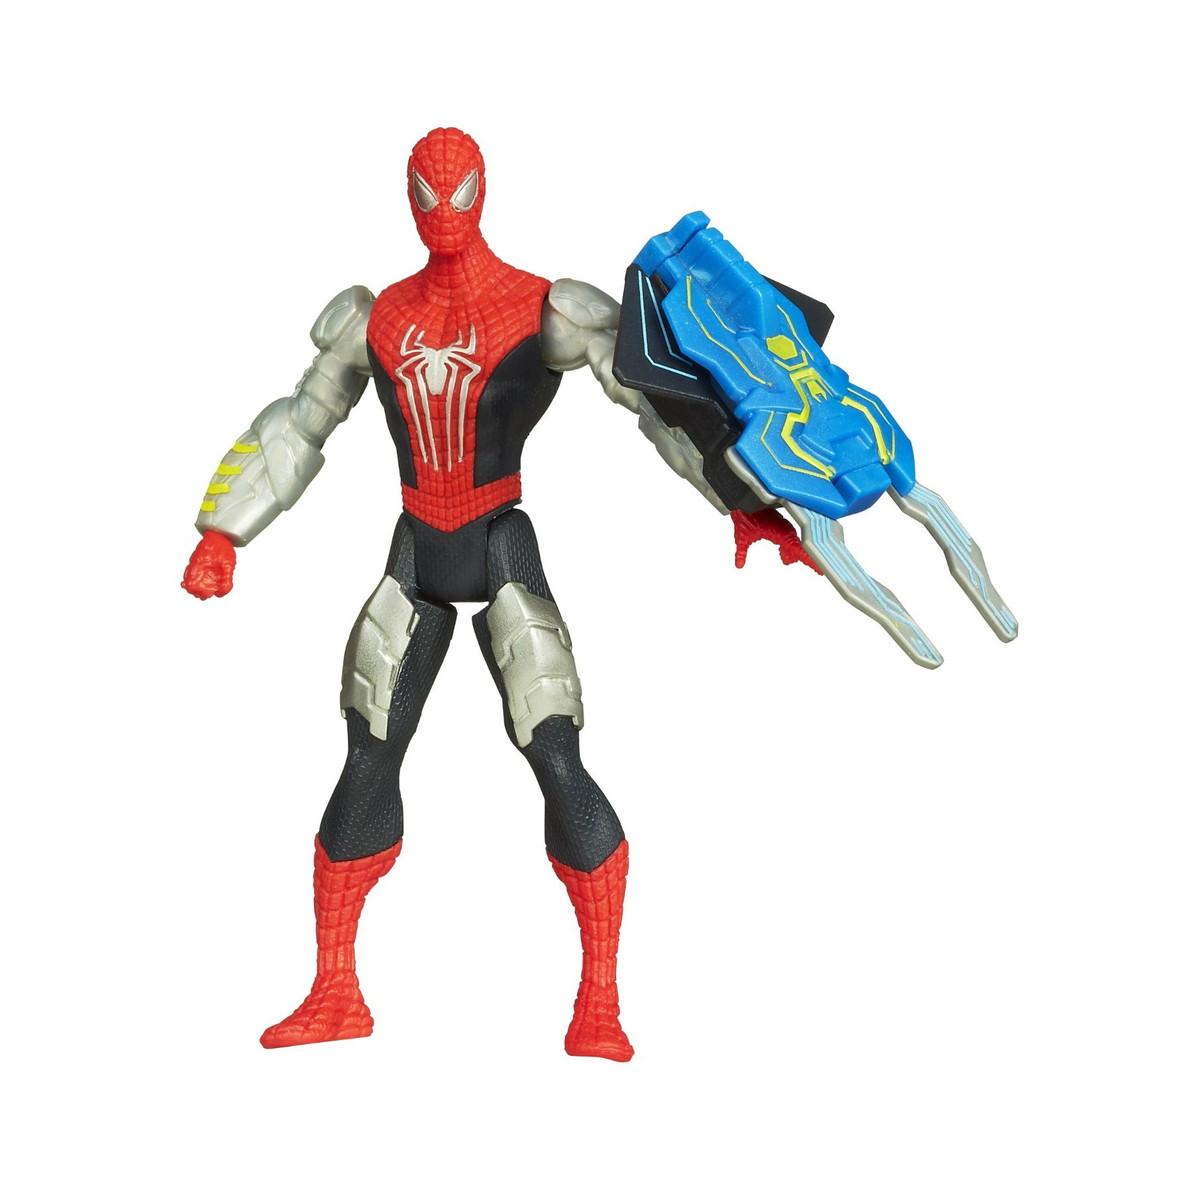 Набор игровой - Фигурки Человека-Паука, Spider ManSpider-Man (Игрушки Человек Паук)<br>Набор игровой - Фигурки Человека-Паука, Spider Man<br>